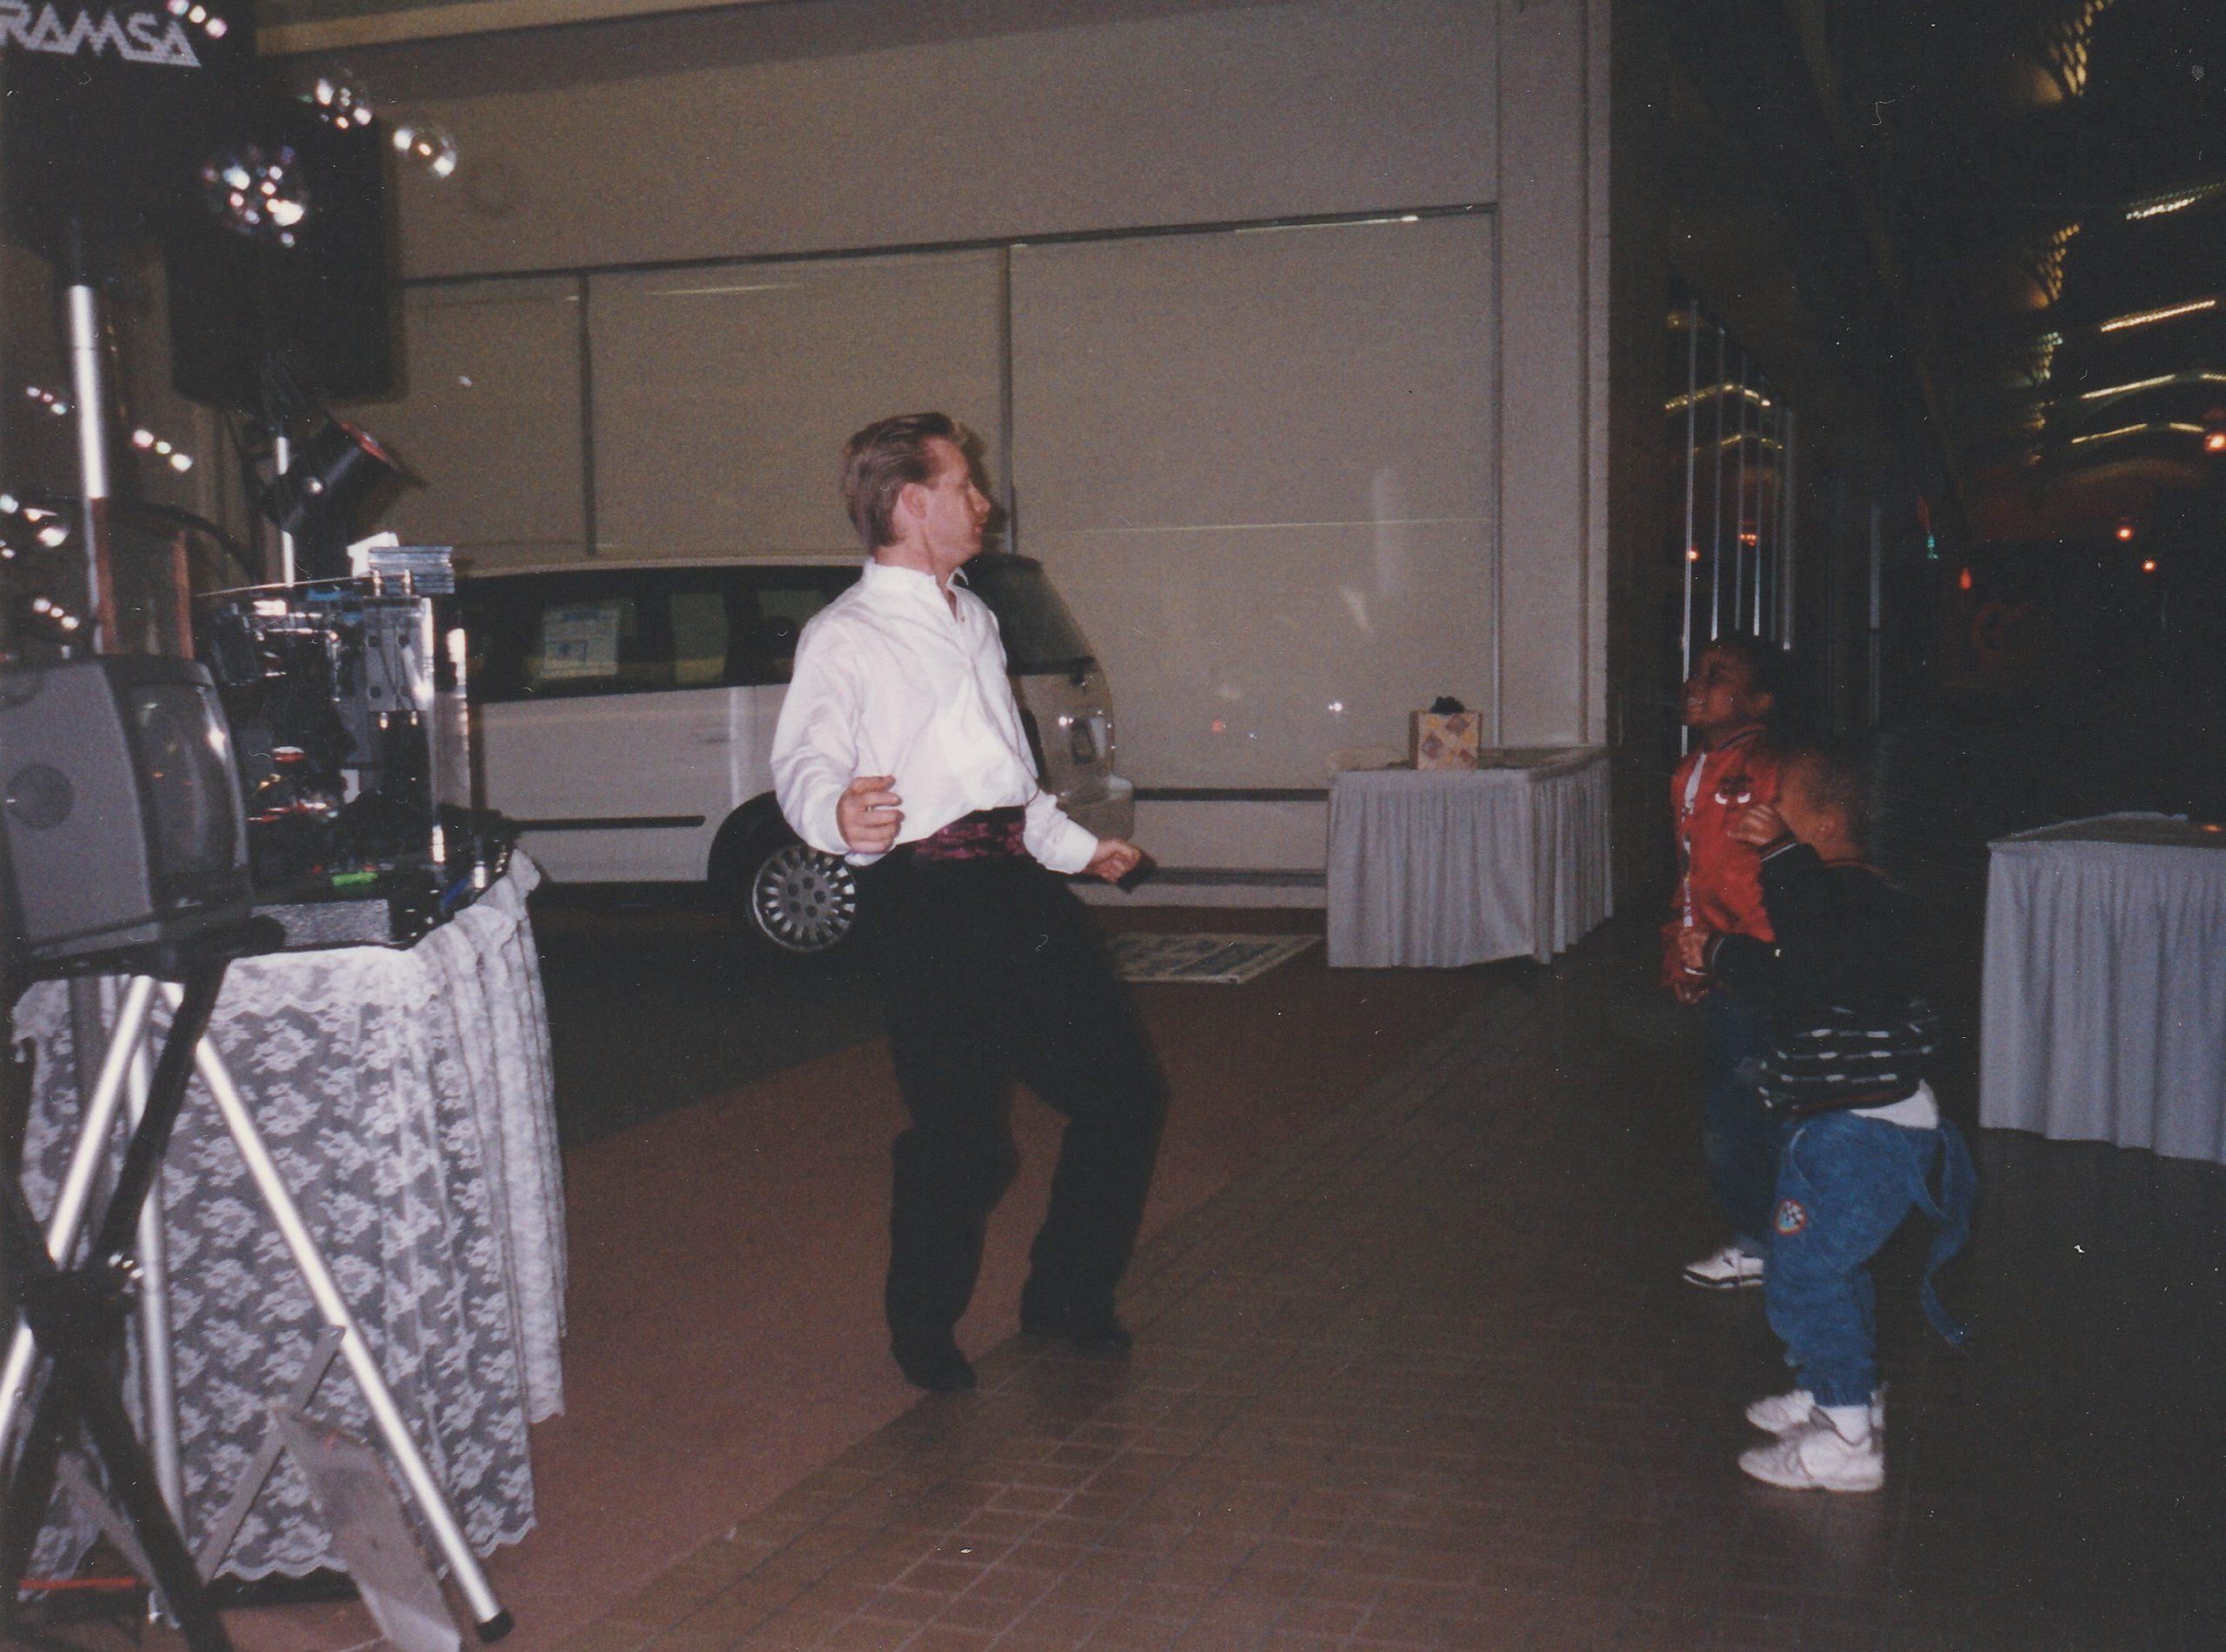 Getting down at Sacramento bridal fair